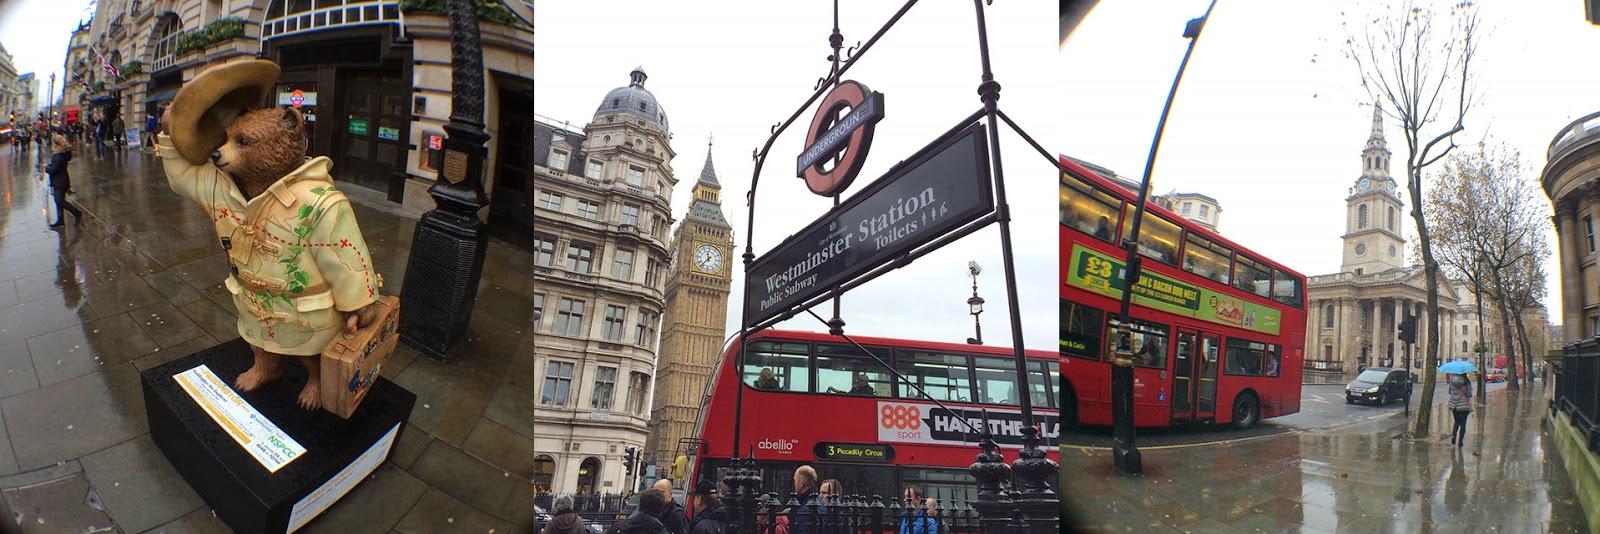 5d598bd392f Camden   Cinnamon rolls na trhu před Tate Modern   Nakoukli jsme do M M s  world